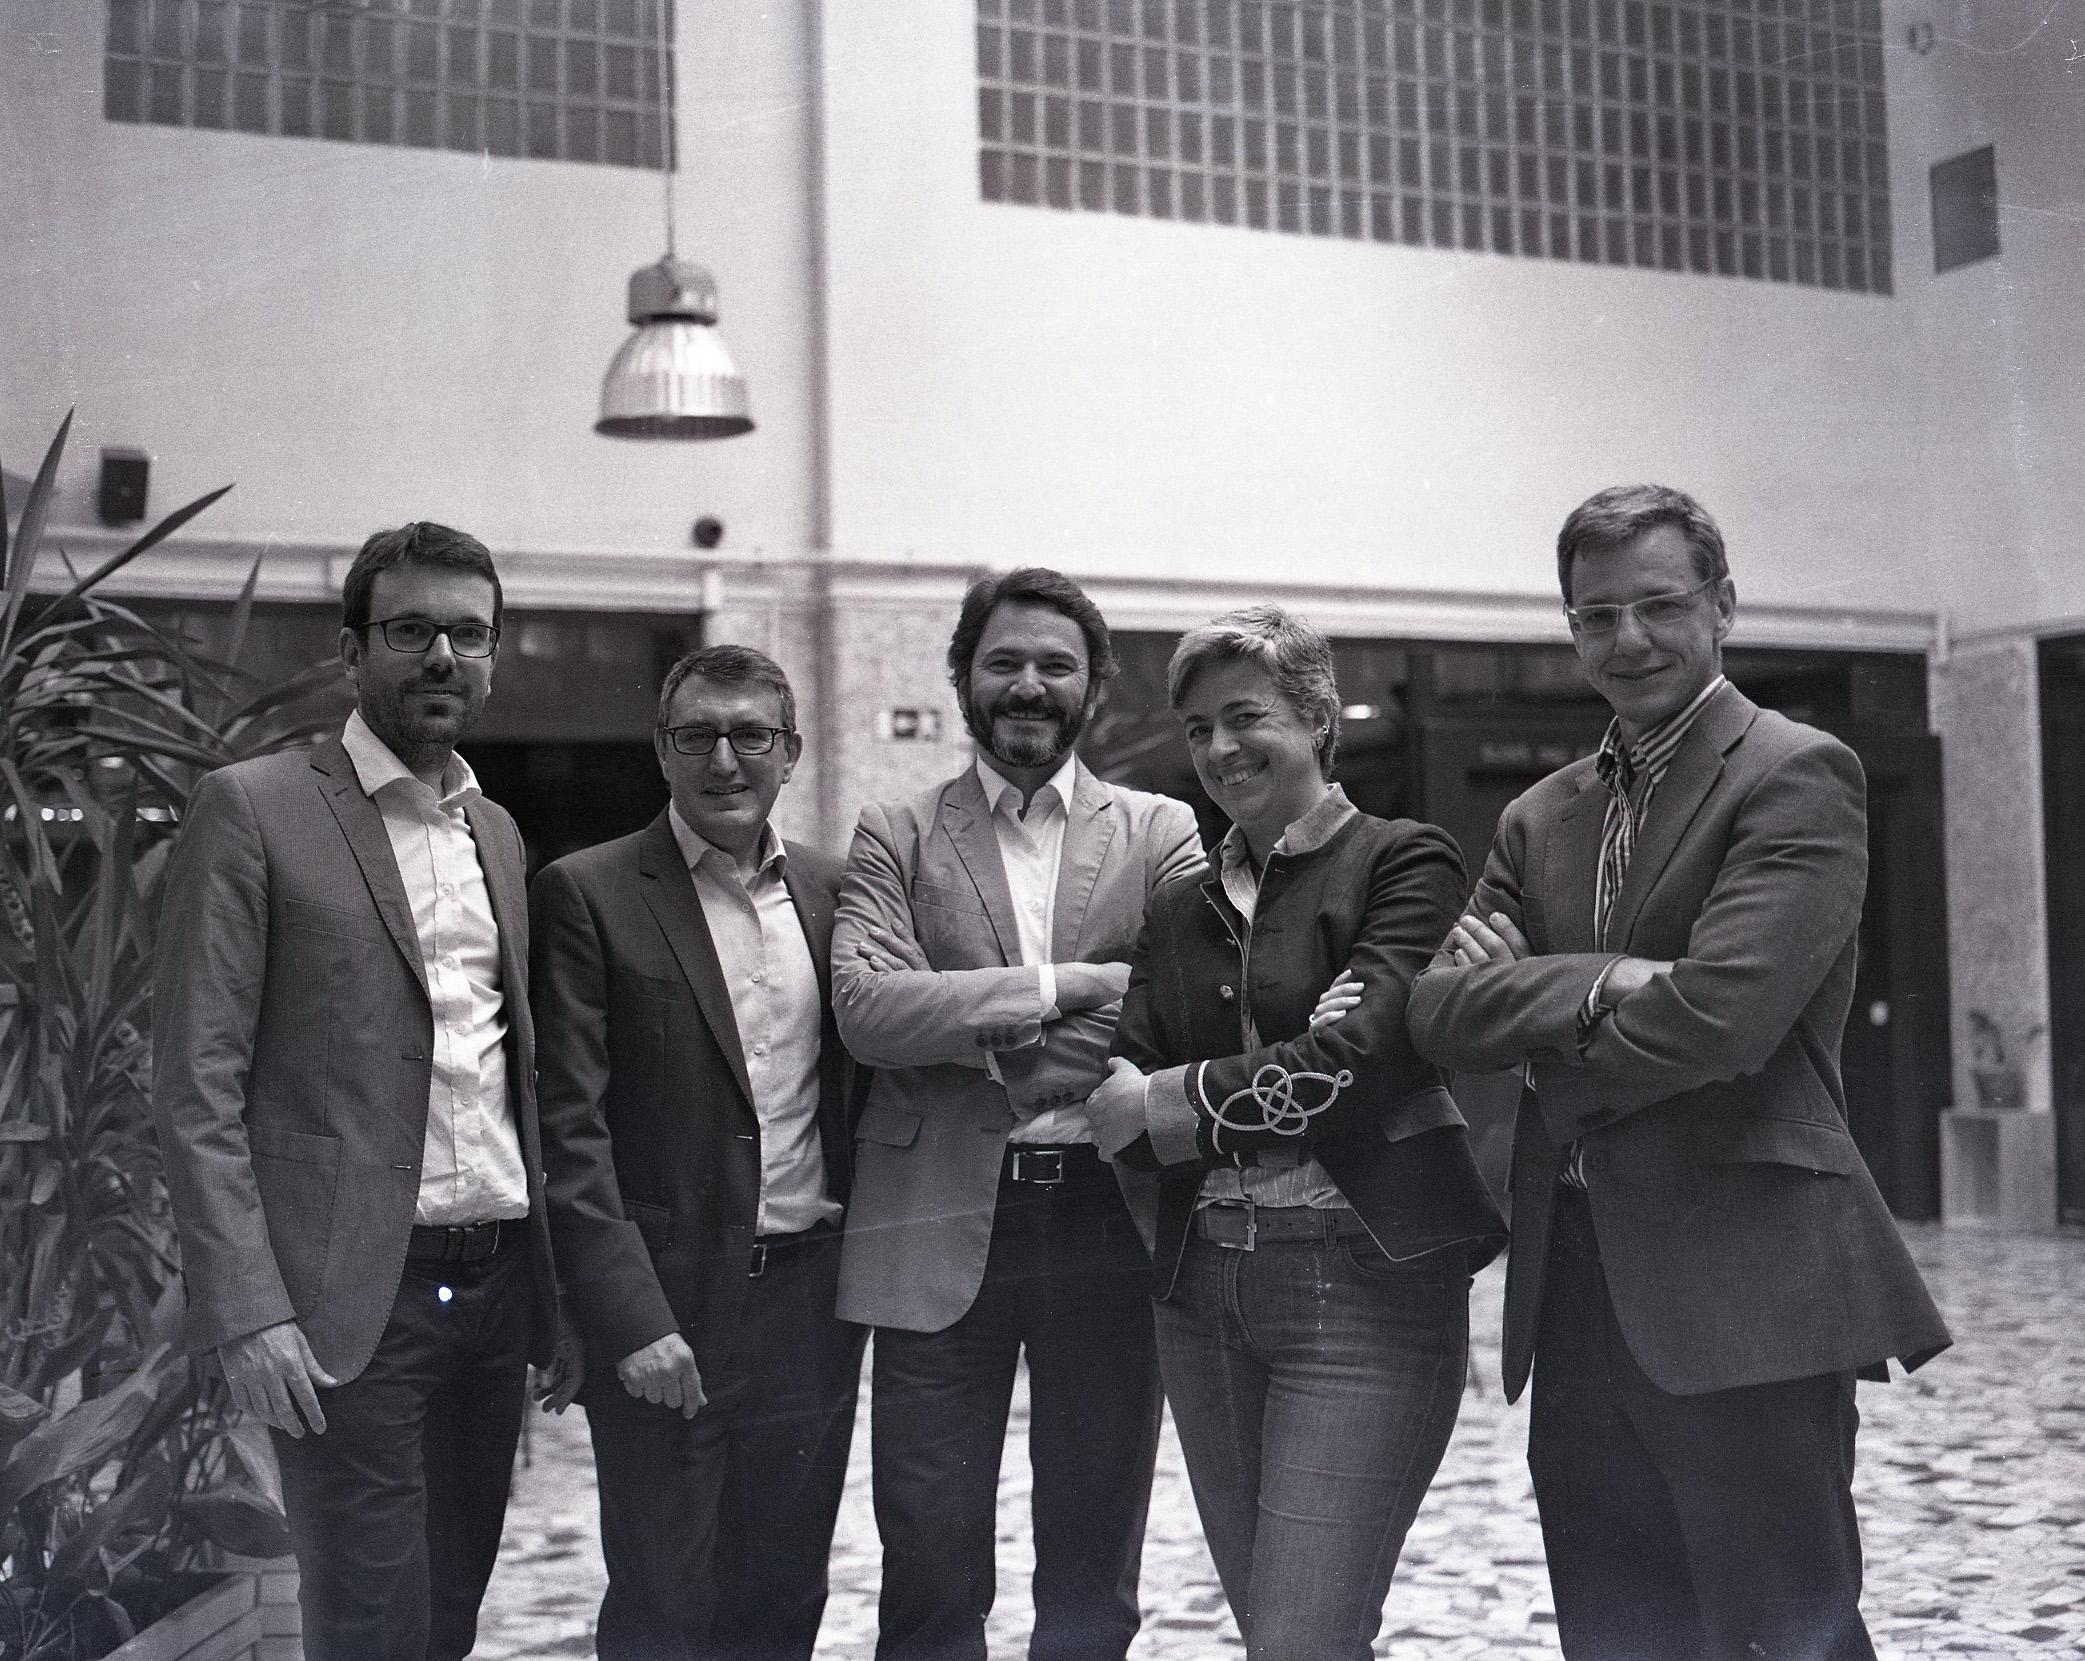 El equipo directivo de la Bolsa Social. En el centro, Jose Moncada, fundador de la plataforma